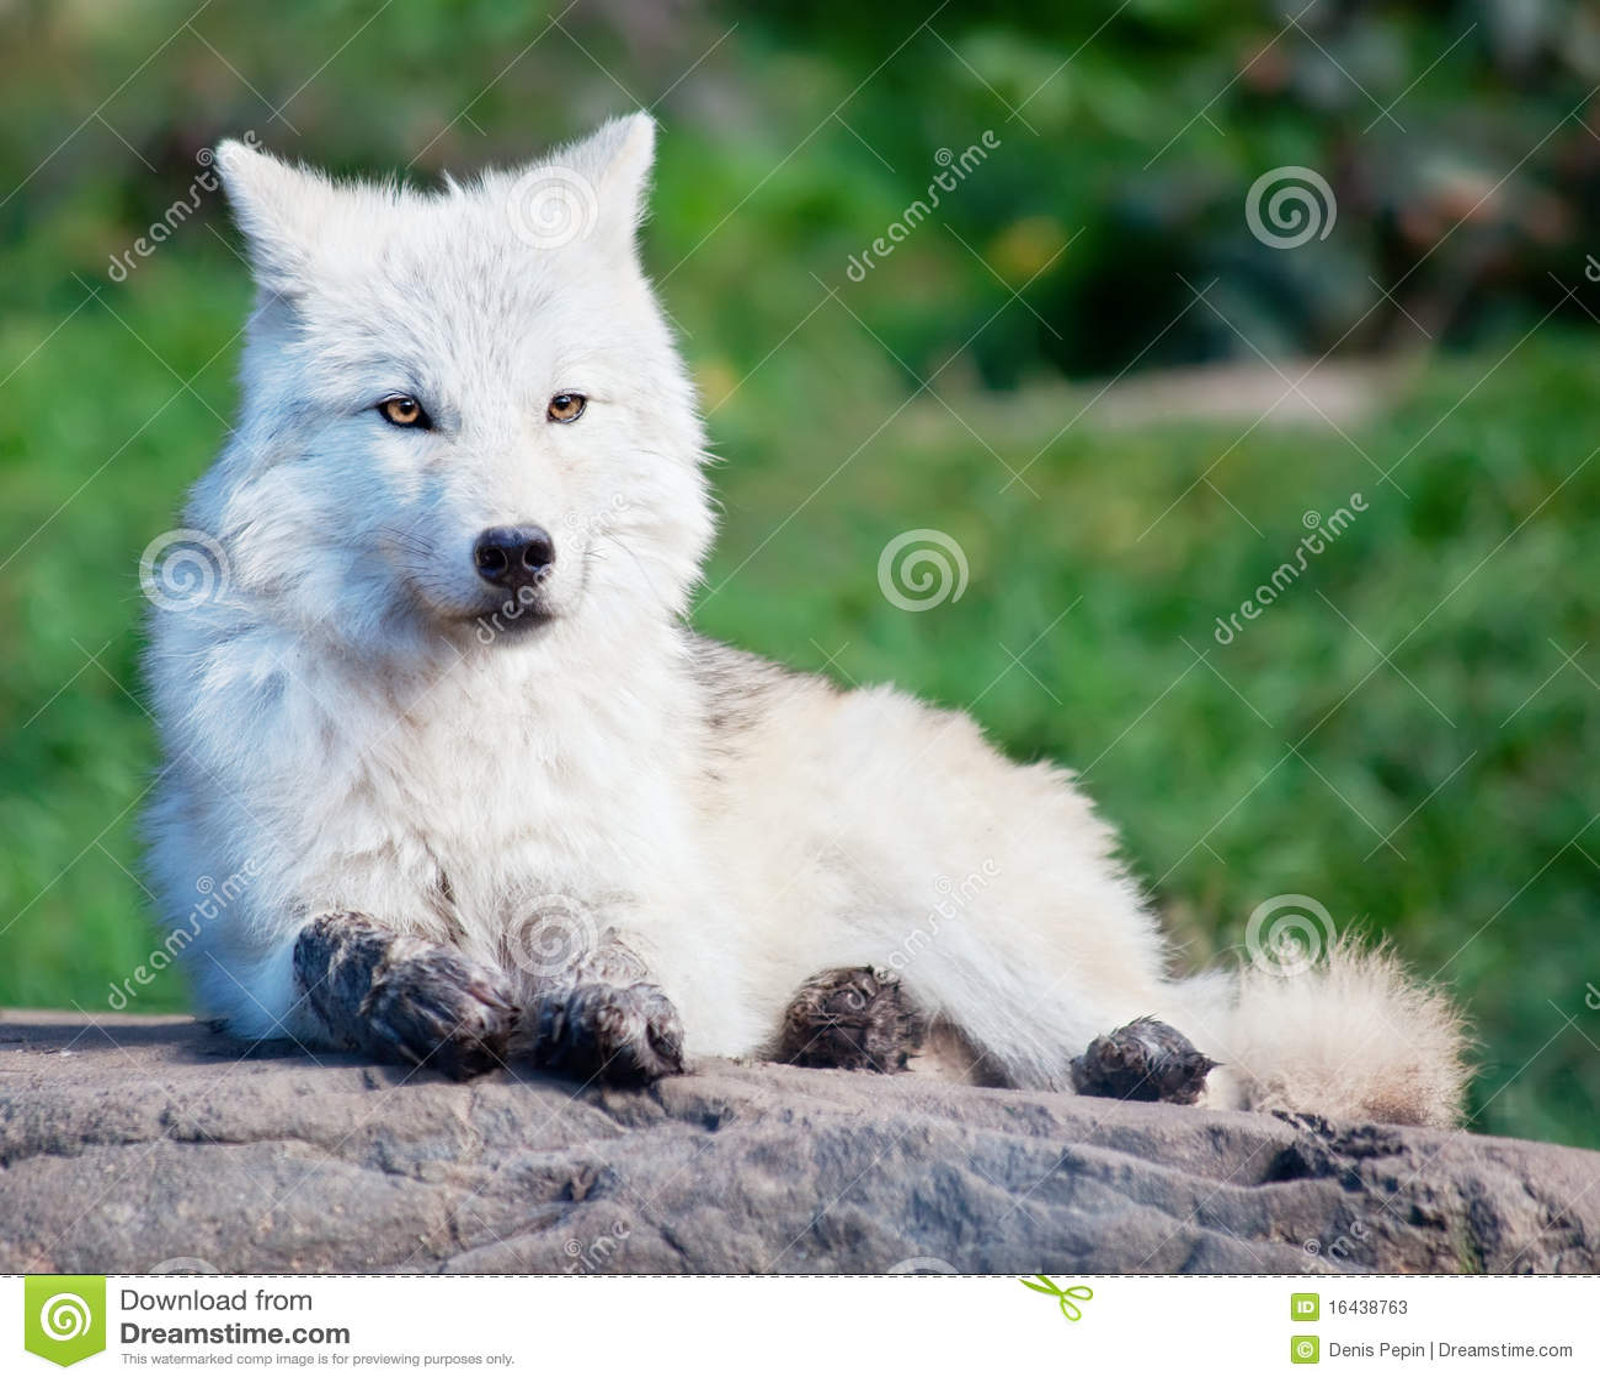 Jeune loup arctique se couchant sur une roche